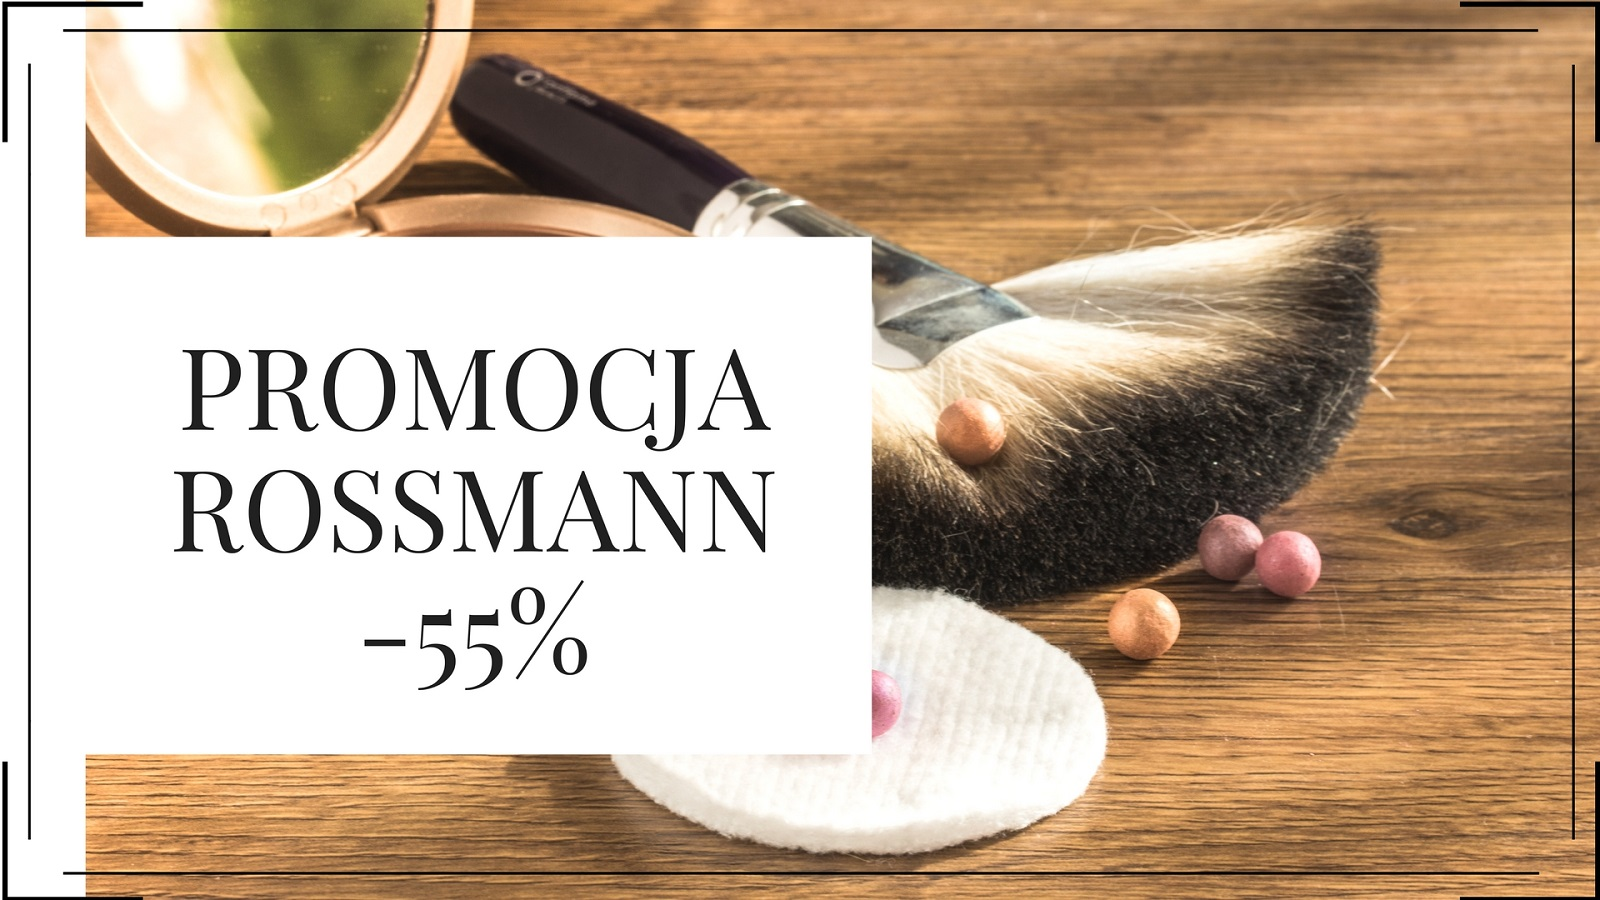 Promocja Rossmann -55%. Co kupić?